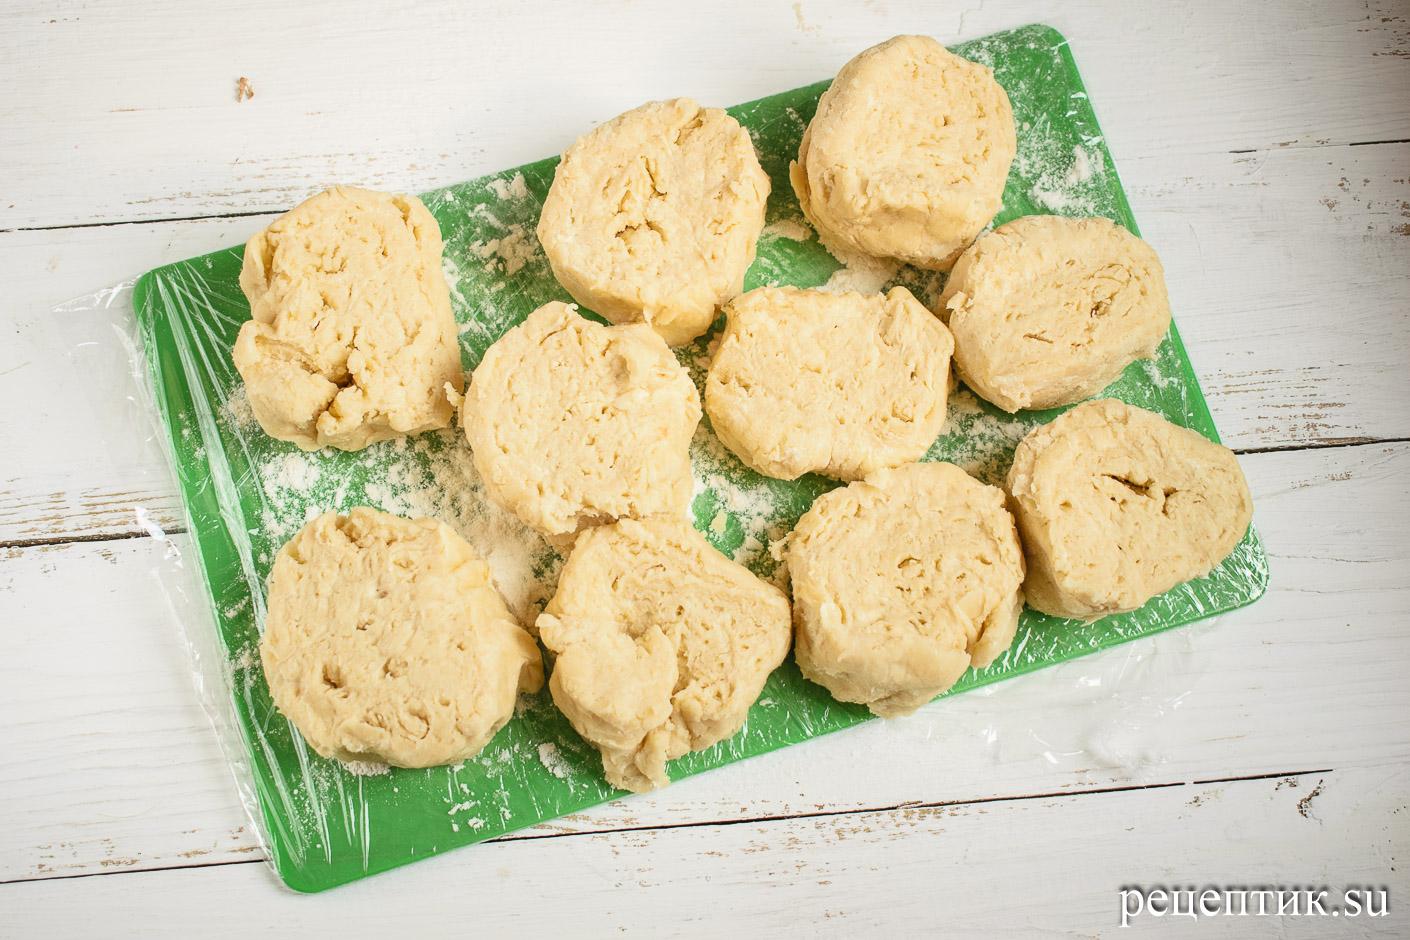 Карамельно-ореховый наполеон со сметанным кремом - рецепт с фото, шаг 10